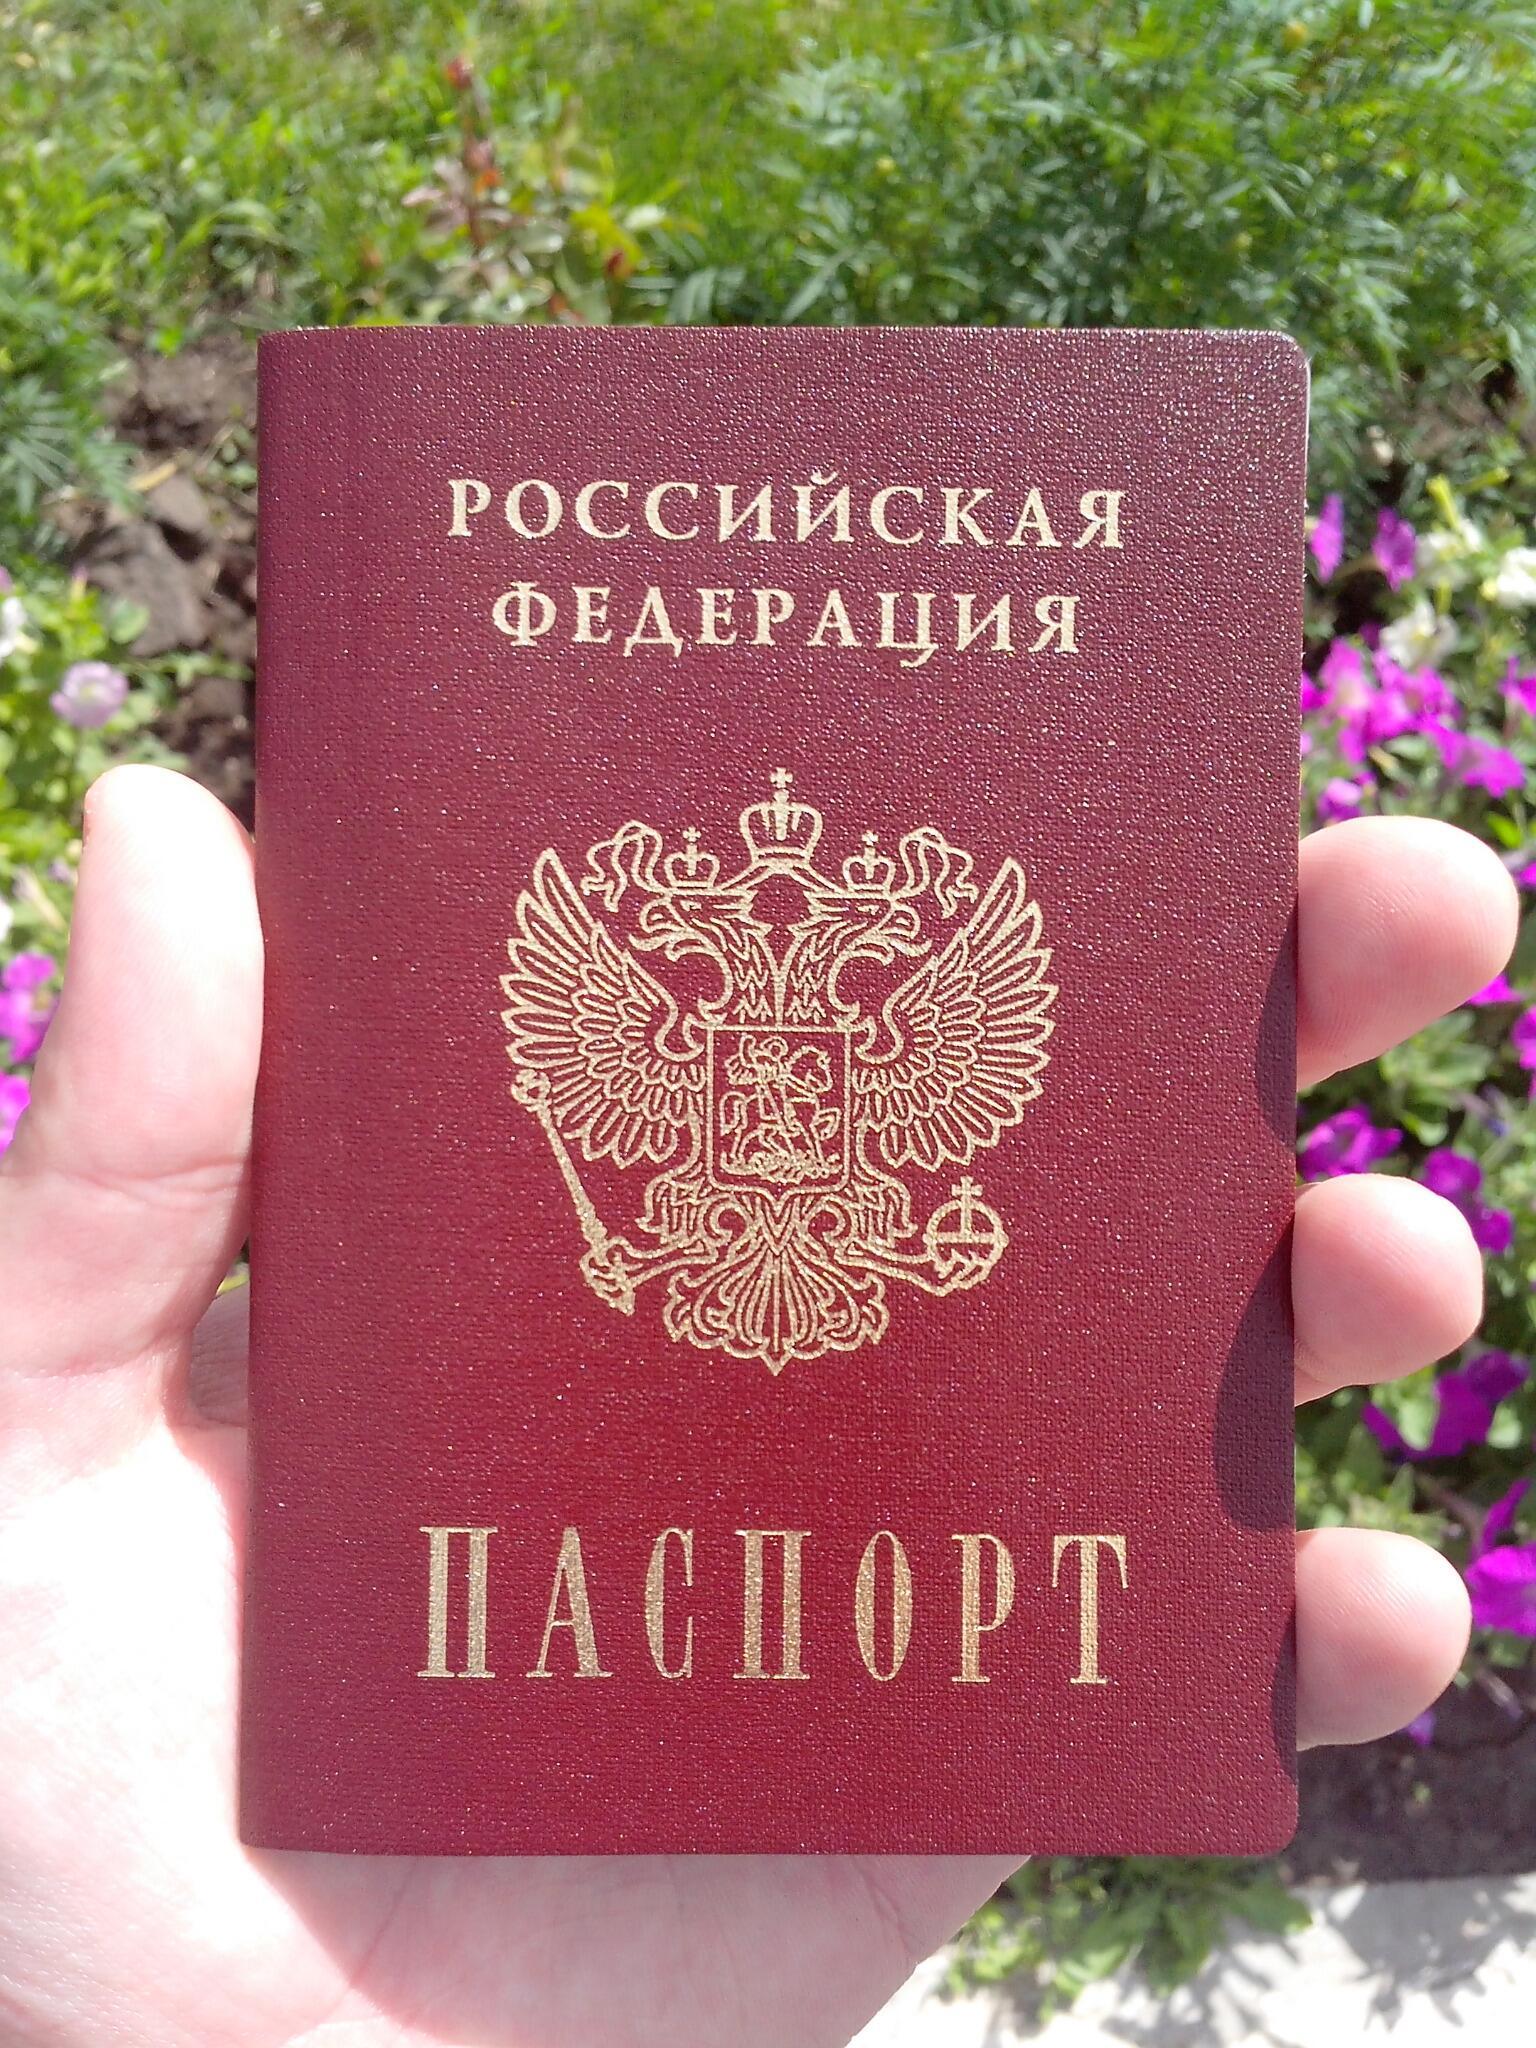 Прикольные картинки паспорт, рисованные мальчики военной